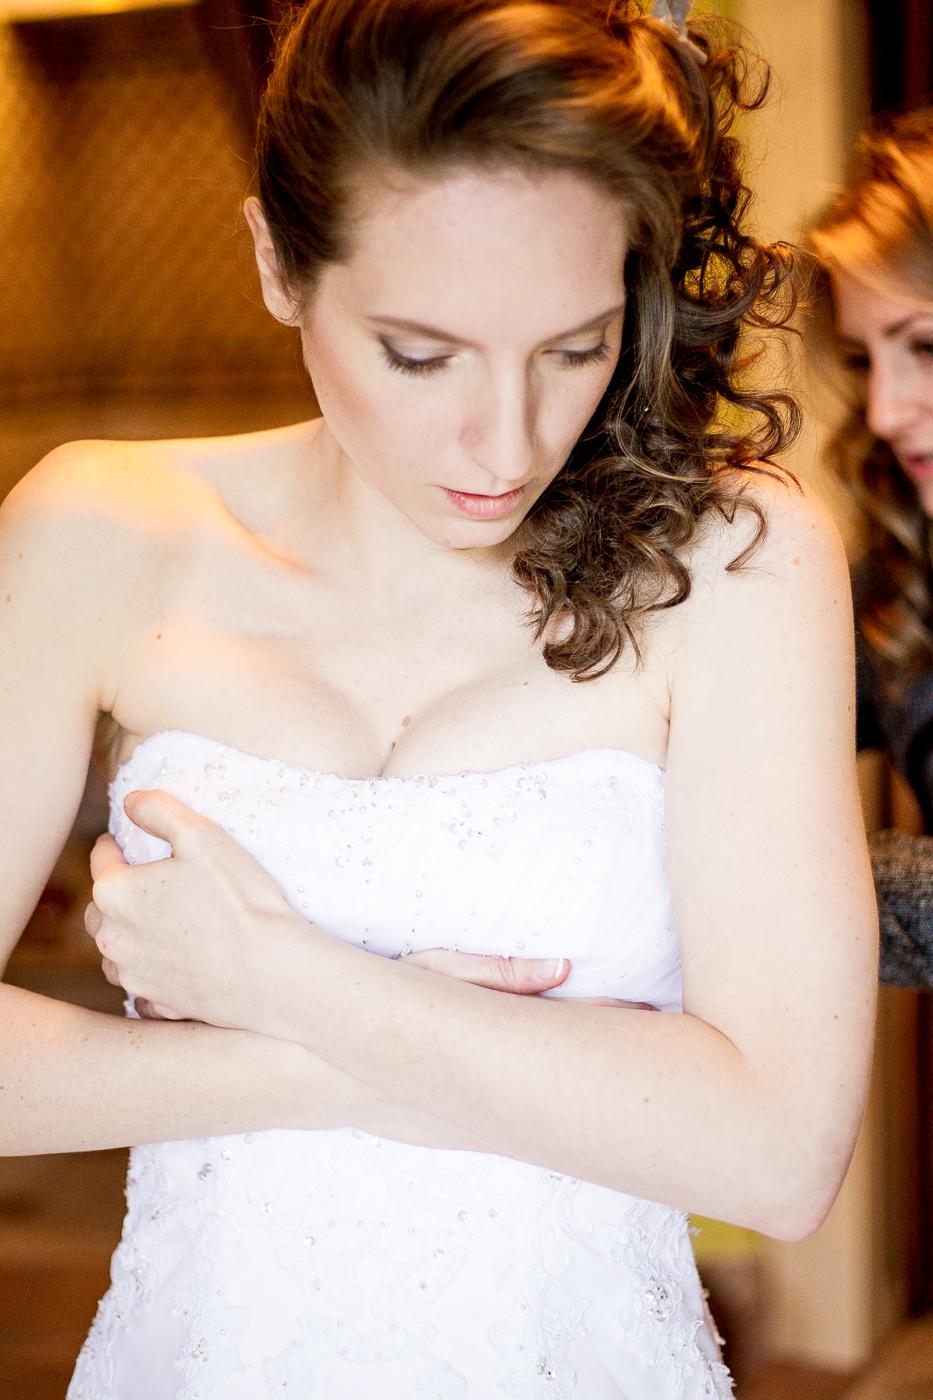 nejlepší, svatební fotografie, 2016, výběr, best of , svatební fotograf praha, 2017, křenek michal, focení svatby, vybíráme svatebního fotografa, nejlepší svatební fotograf, čechy,